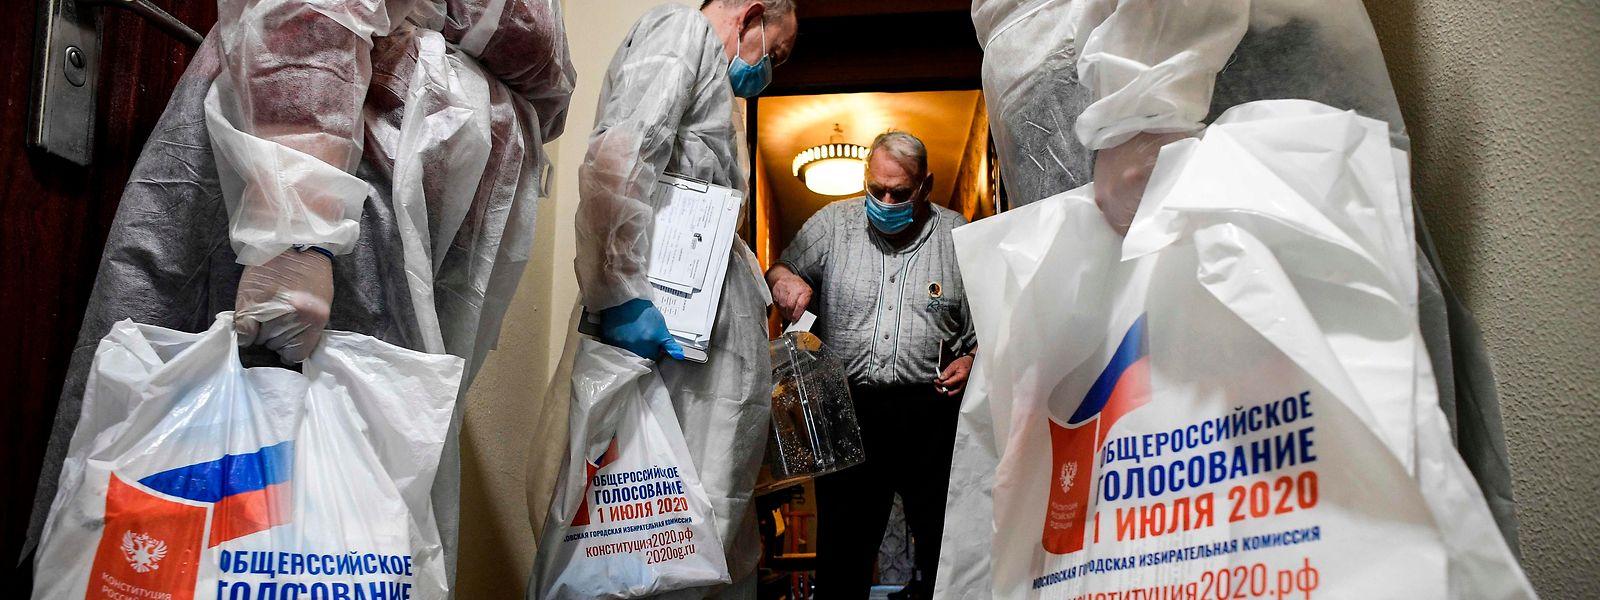 Abstimmung in Zeiten von Corona: Mitglieder der Wahlkommission holen Wahlzettel an der Haustür ab.